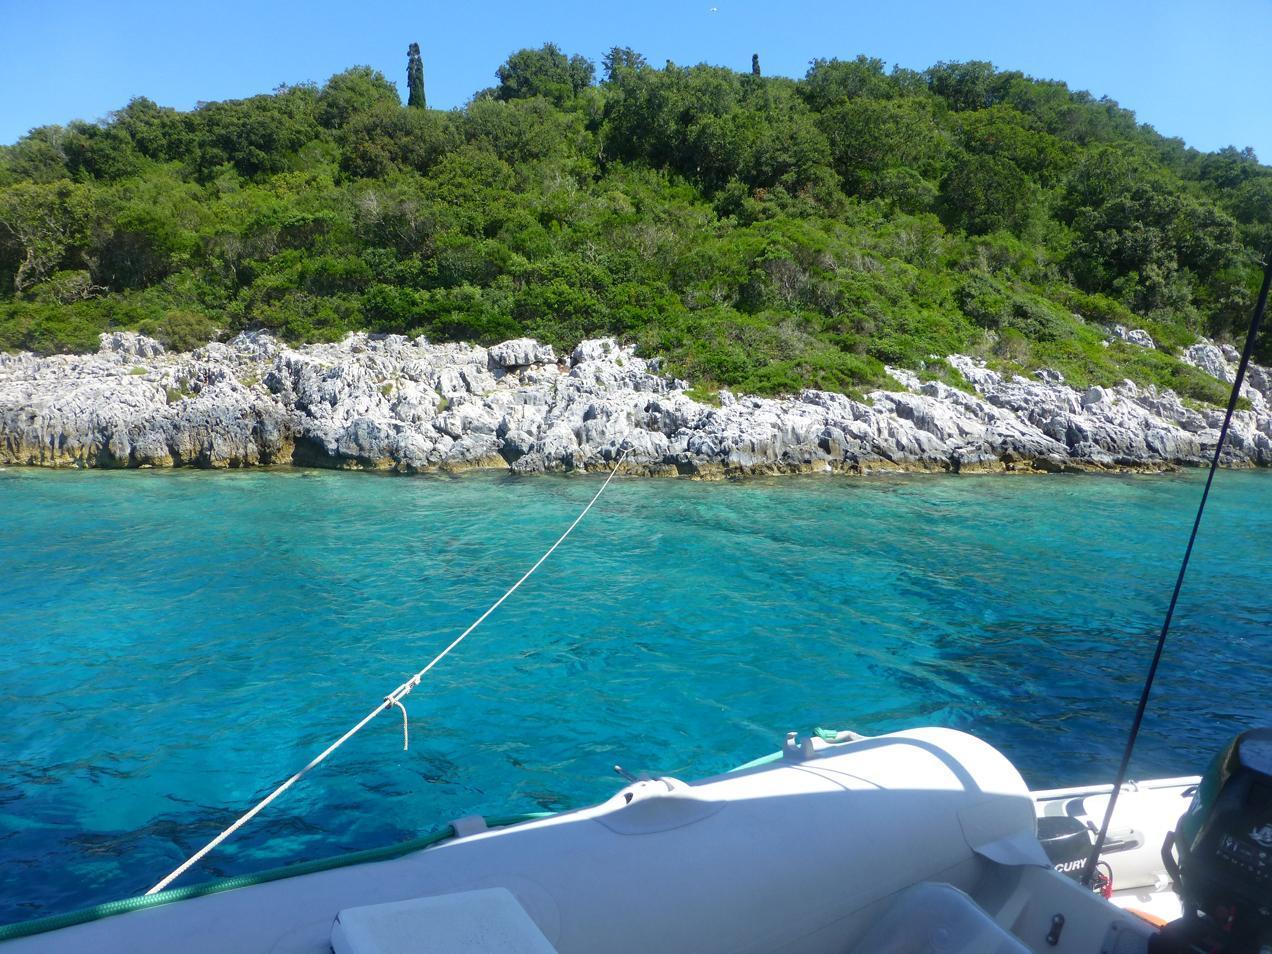 הפלגה ליוון עם דרך הים - מפרץ יווני מדהים